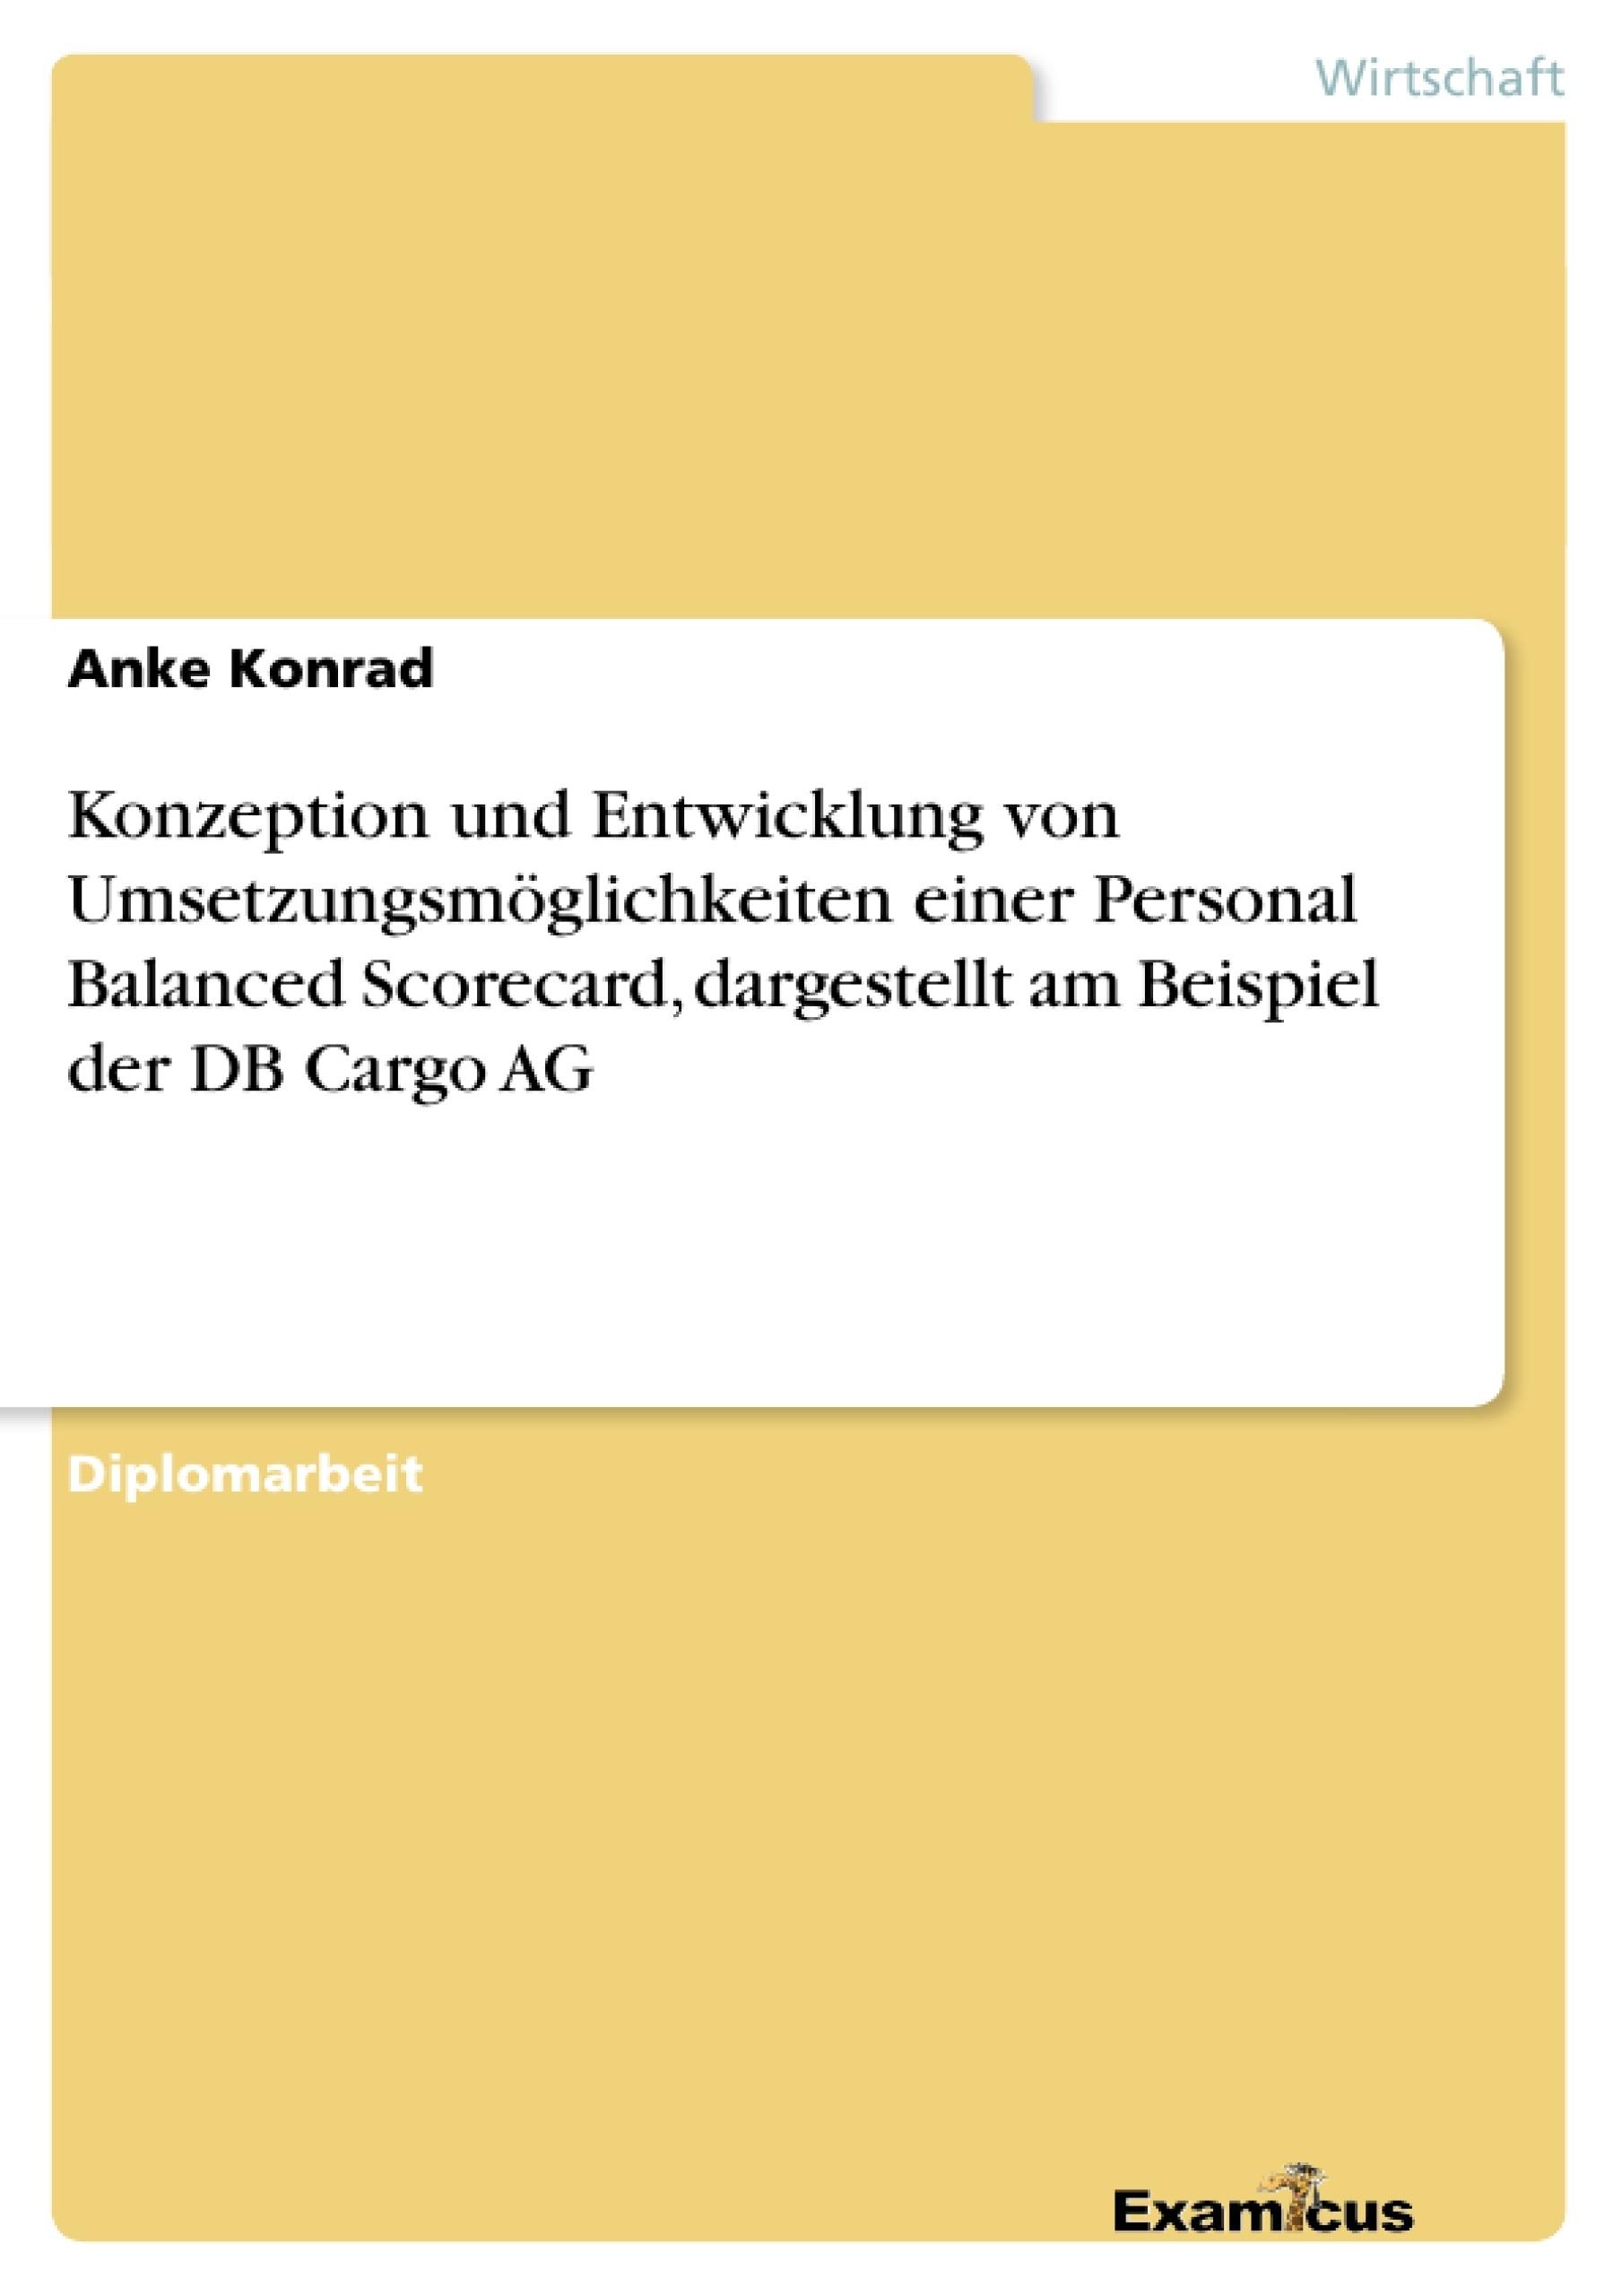 Titel: Konzeption und Entwicklung von Umsetzungsmöglichkeiten einer Personal Balanced Scorecard, dargestellt am Beispiel der DB Cargo AG